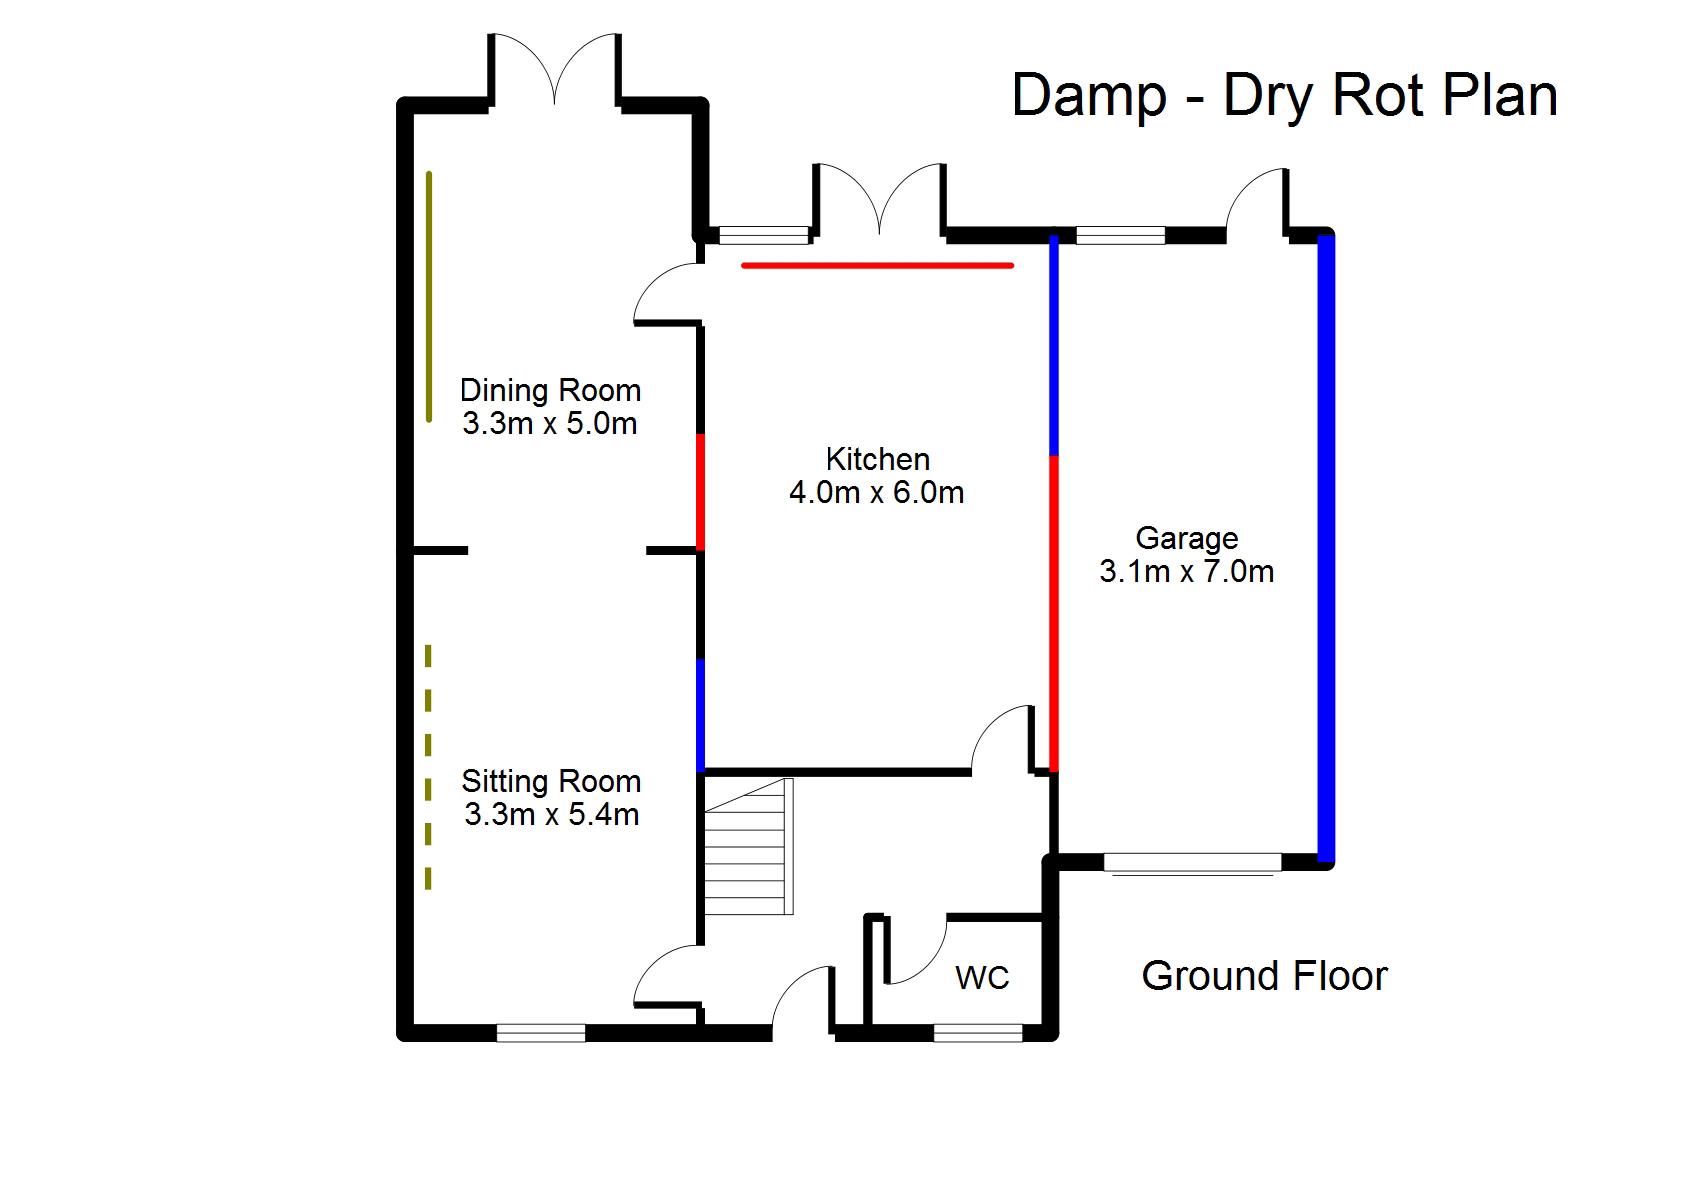 DampDryRot1